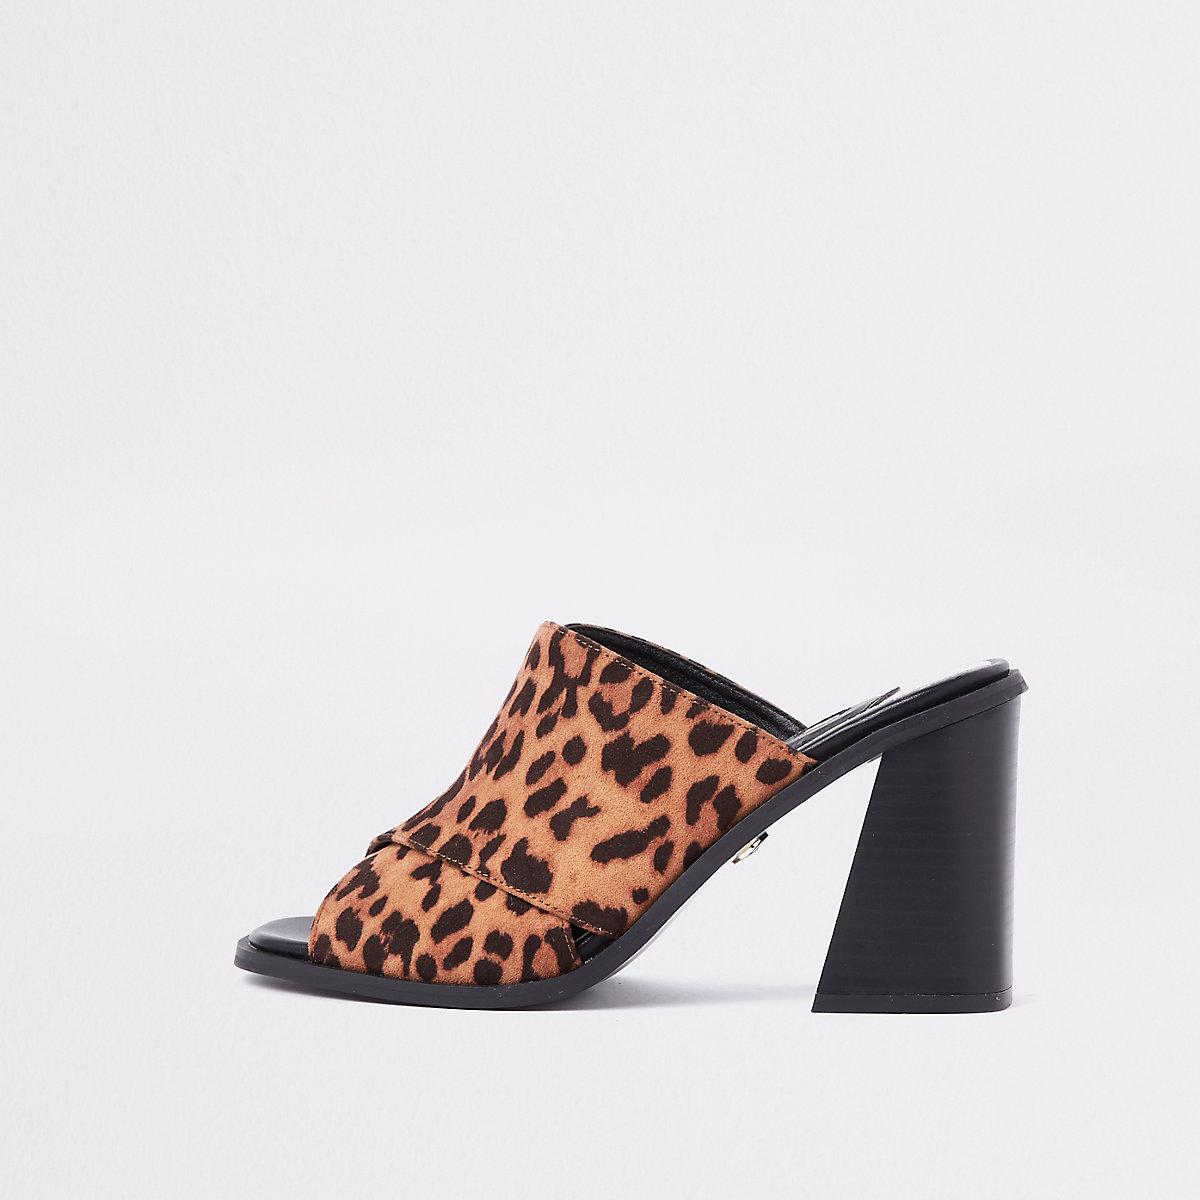 Sandales type mules marron imprimé animal à talons carrés